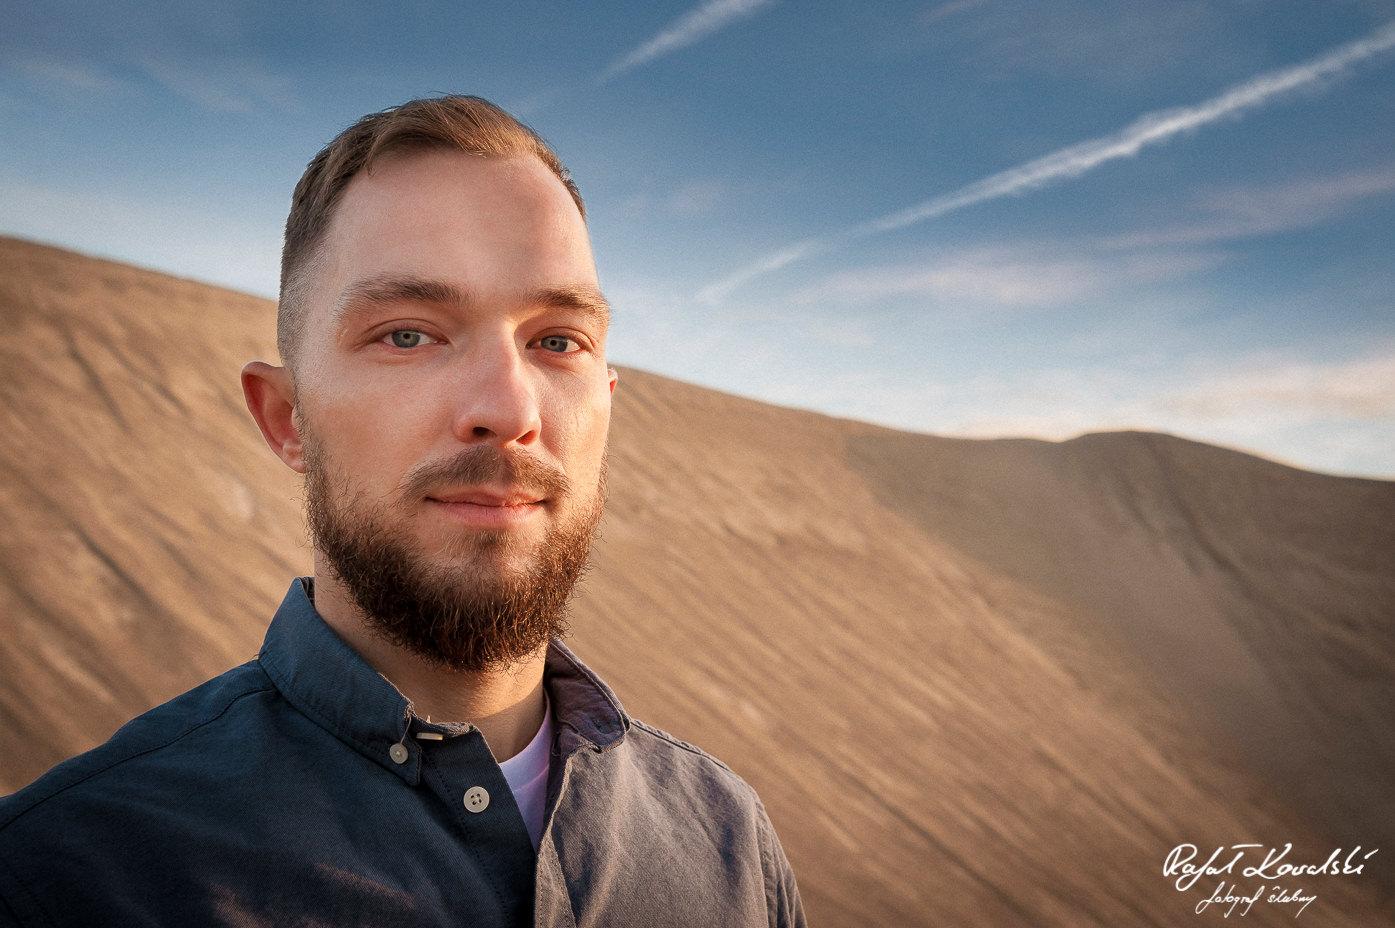 Sesja na wydmach fotograf gdańsk Rafał Kowalski -męski portret w pustynnym klimacie